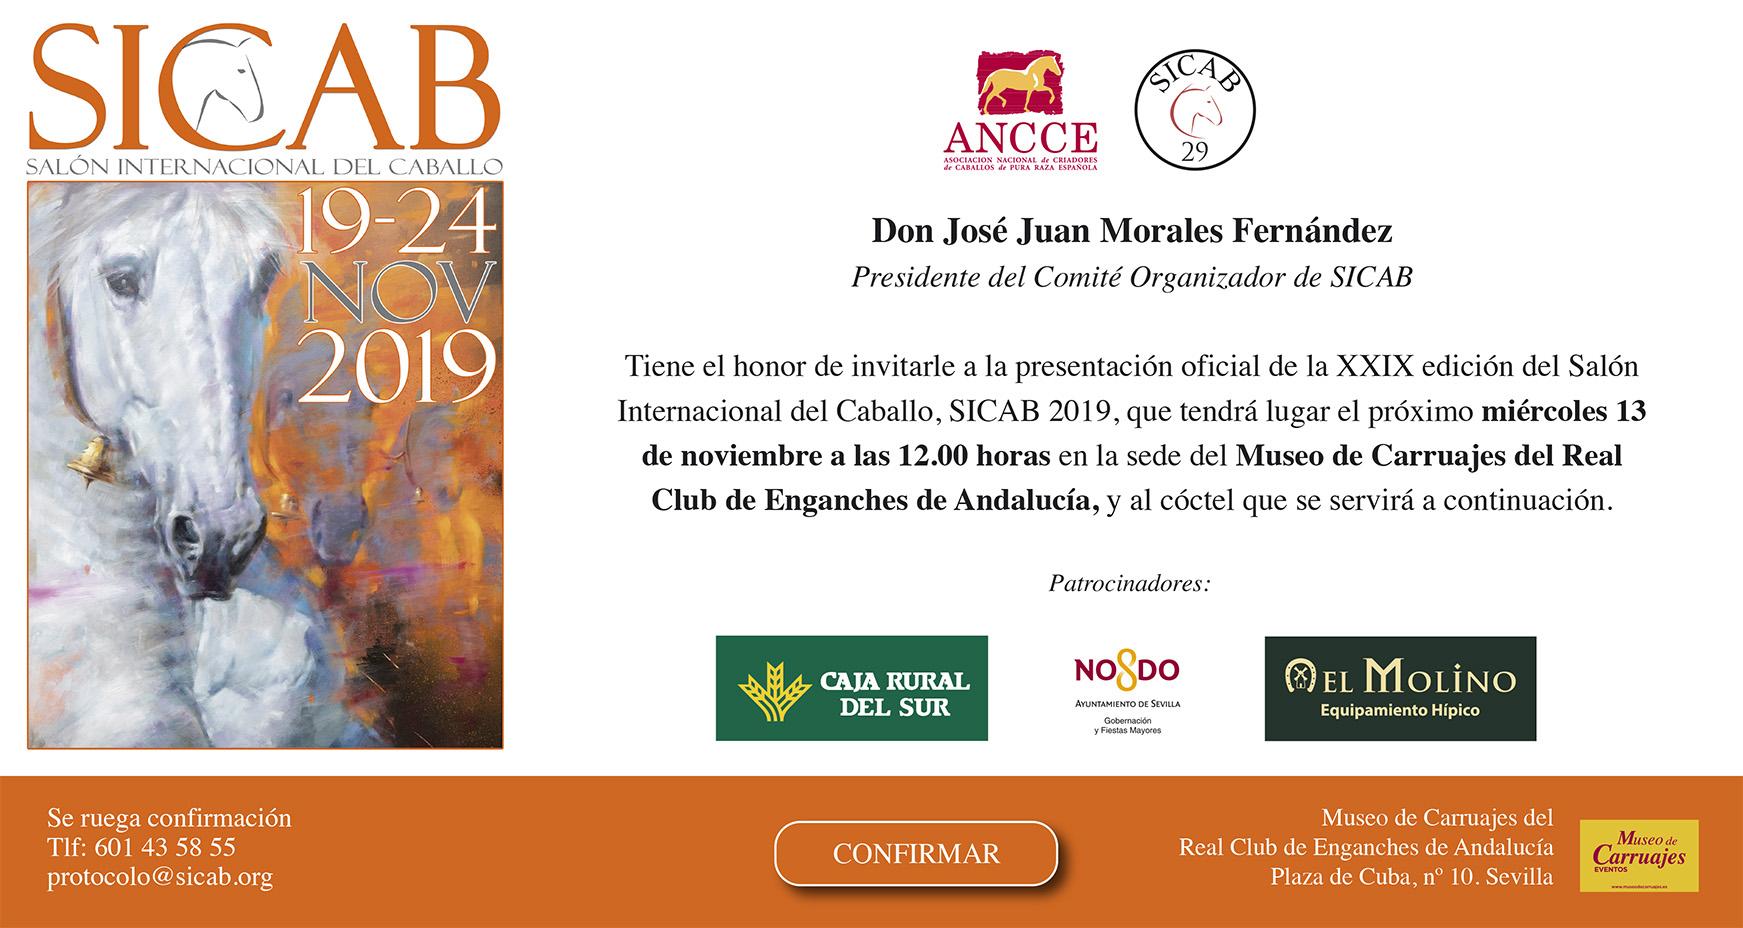 SICAB 2019. Invitación a la Presentación de la 29 Edición de Sicab